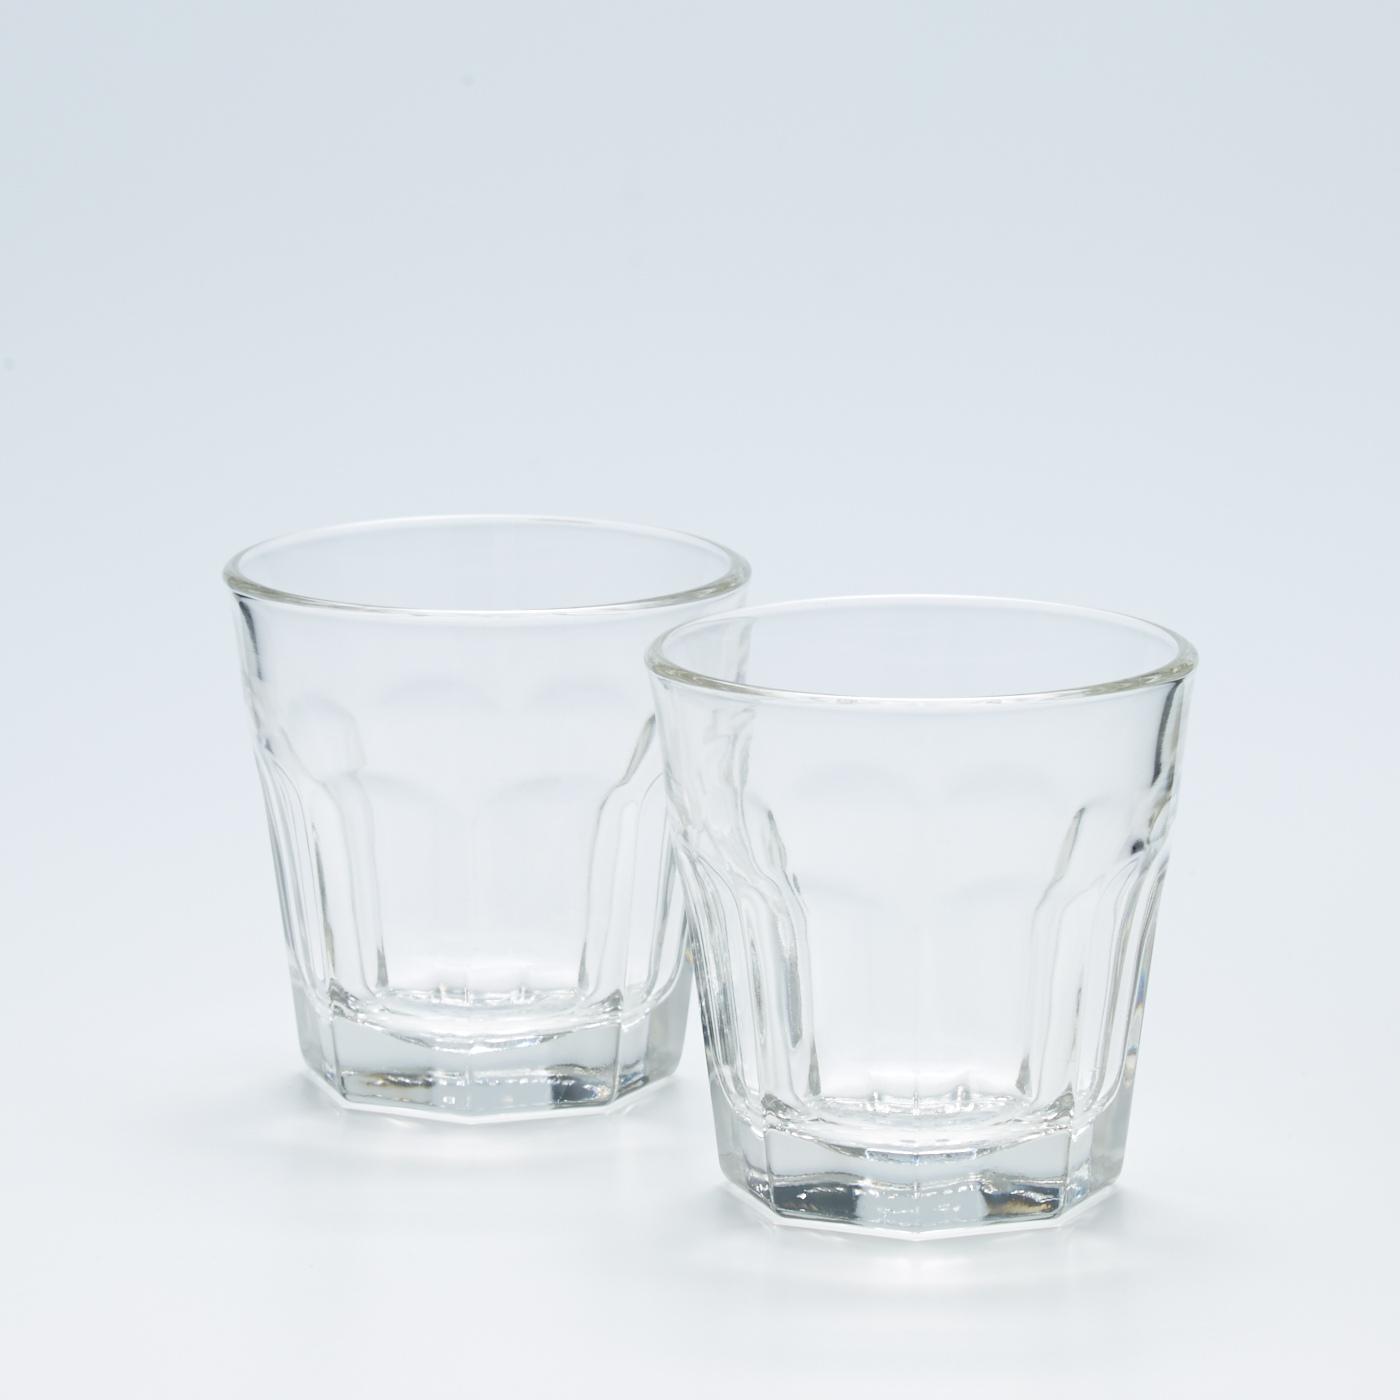 アメリカのカフェスタイル風 タンブラーグラス207ml